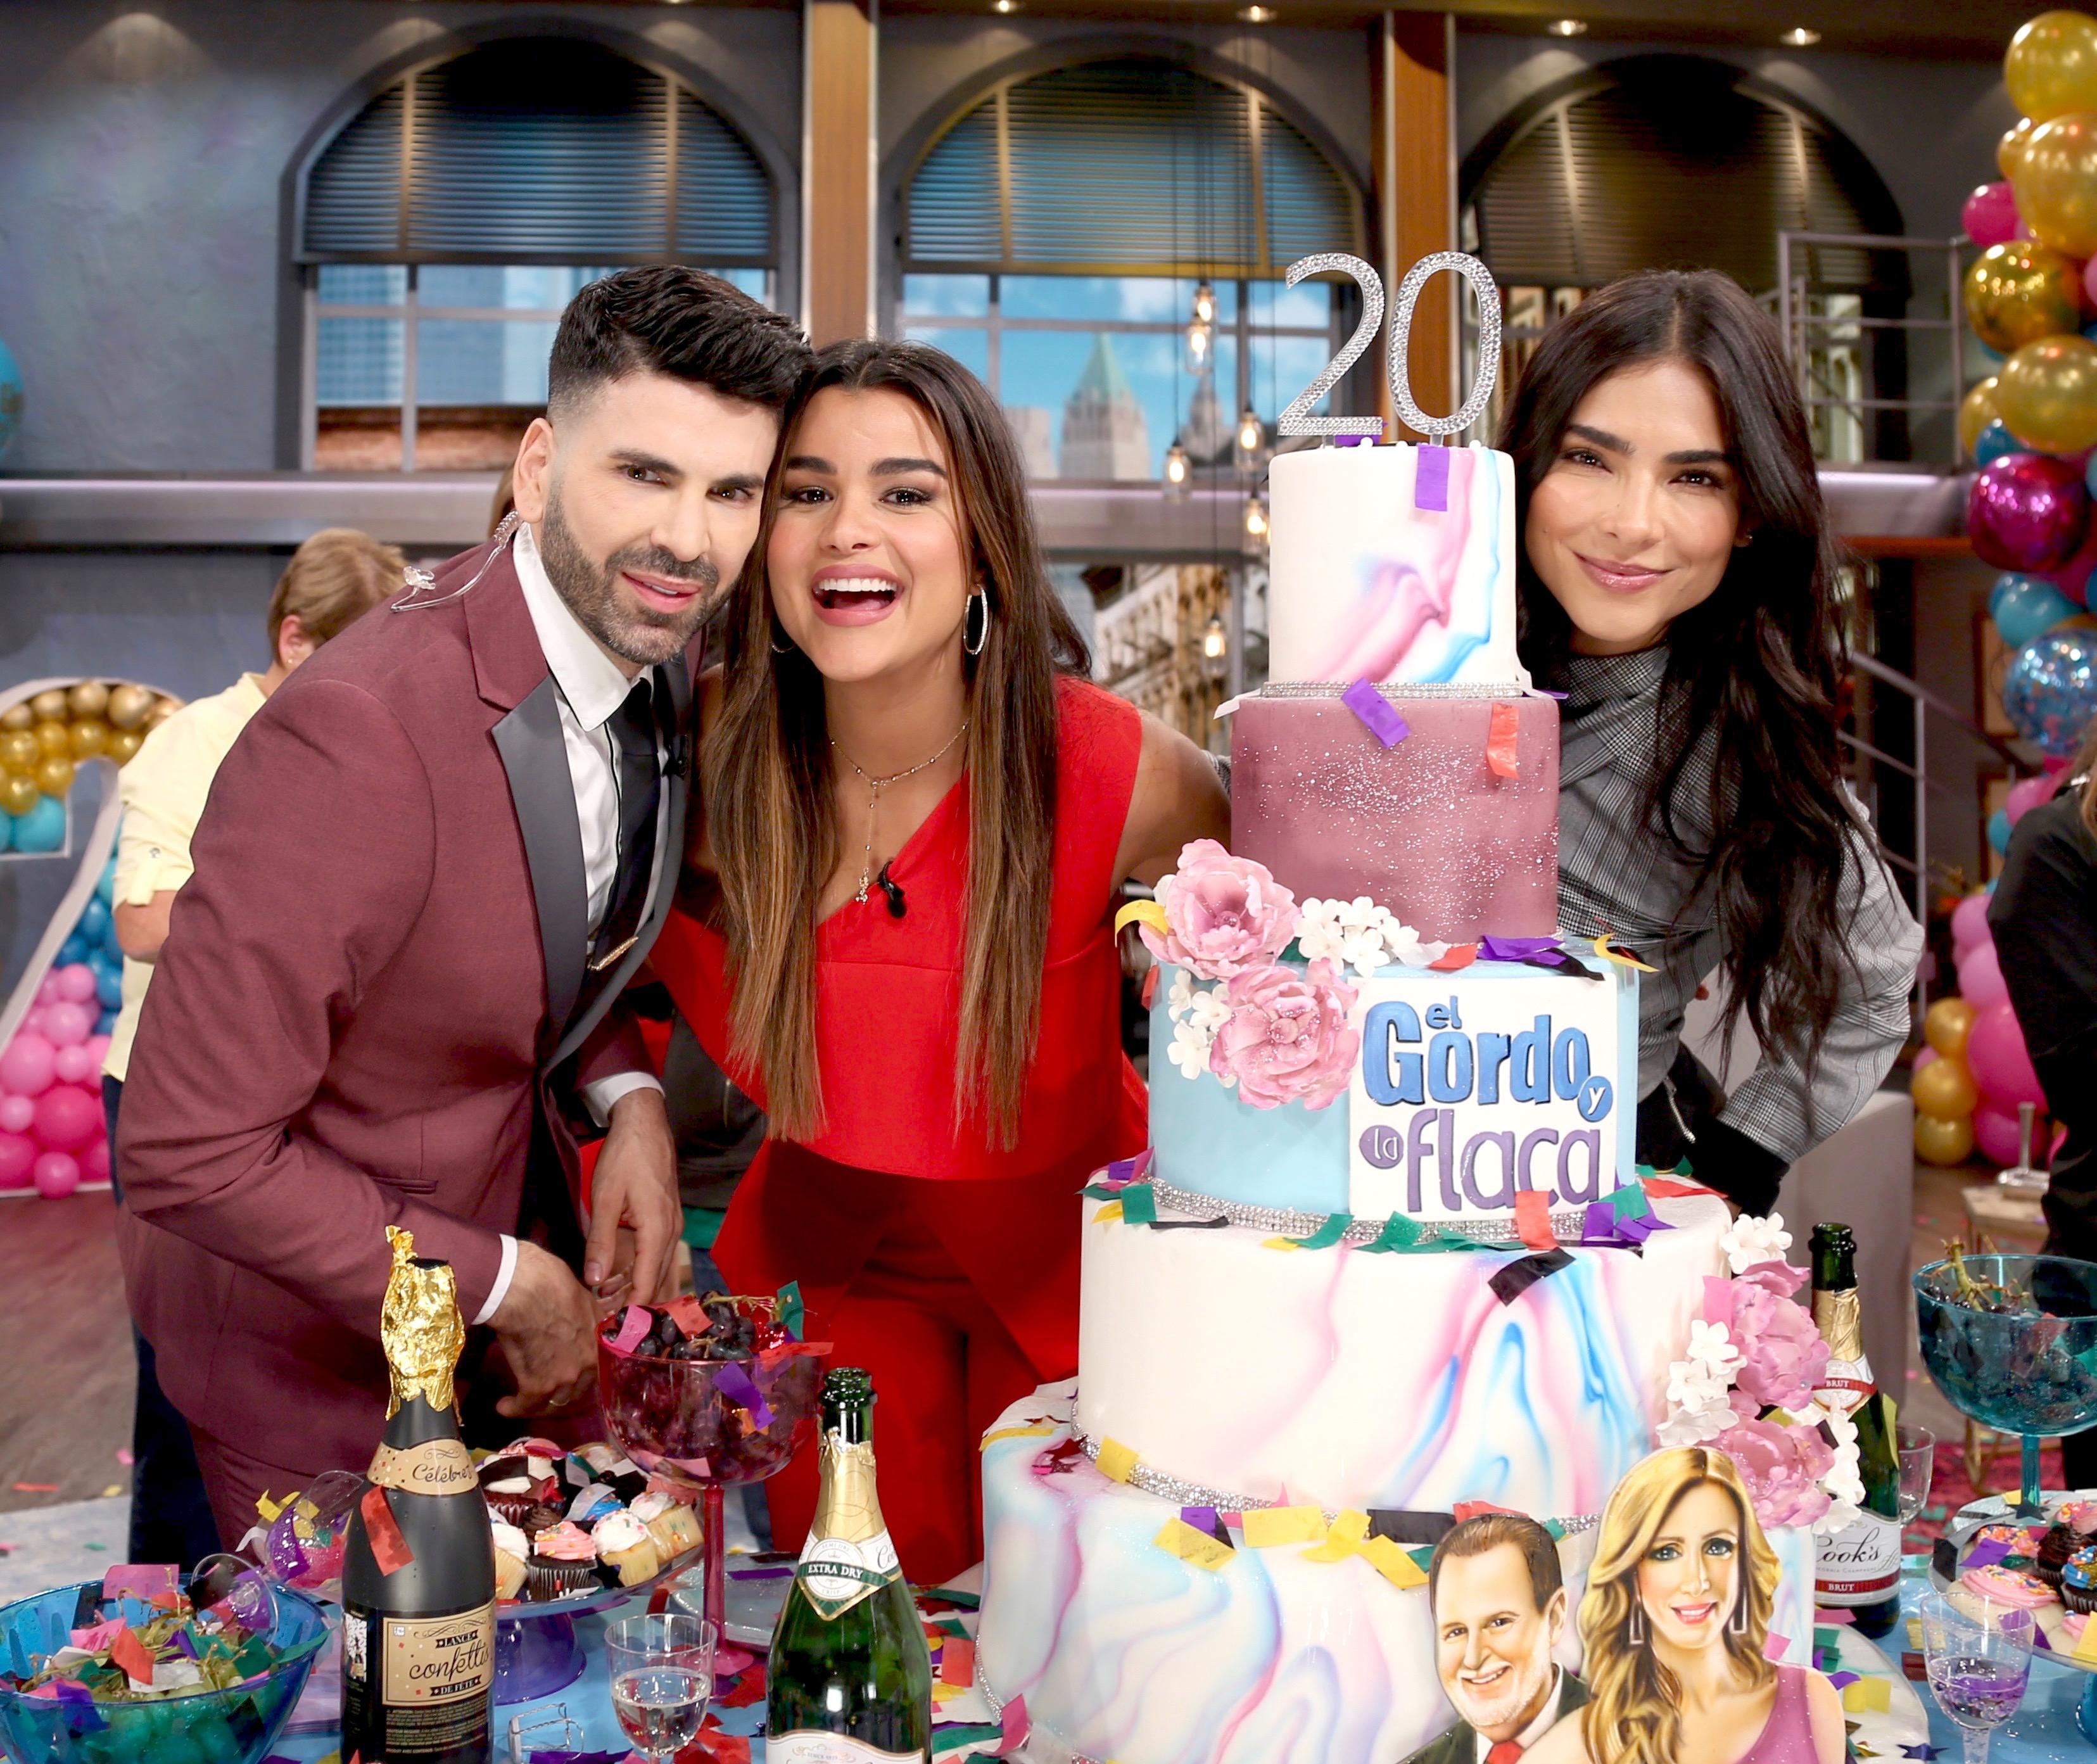 Alejandra Espinoza, Clarissa Molina, Jomari Goyso